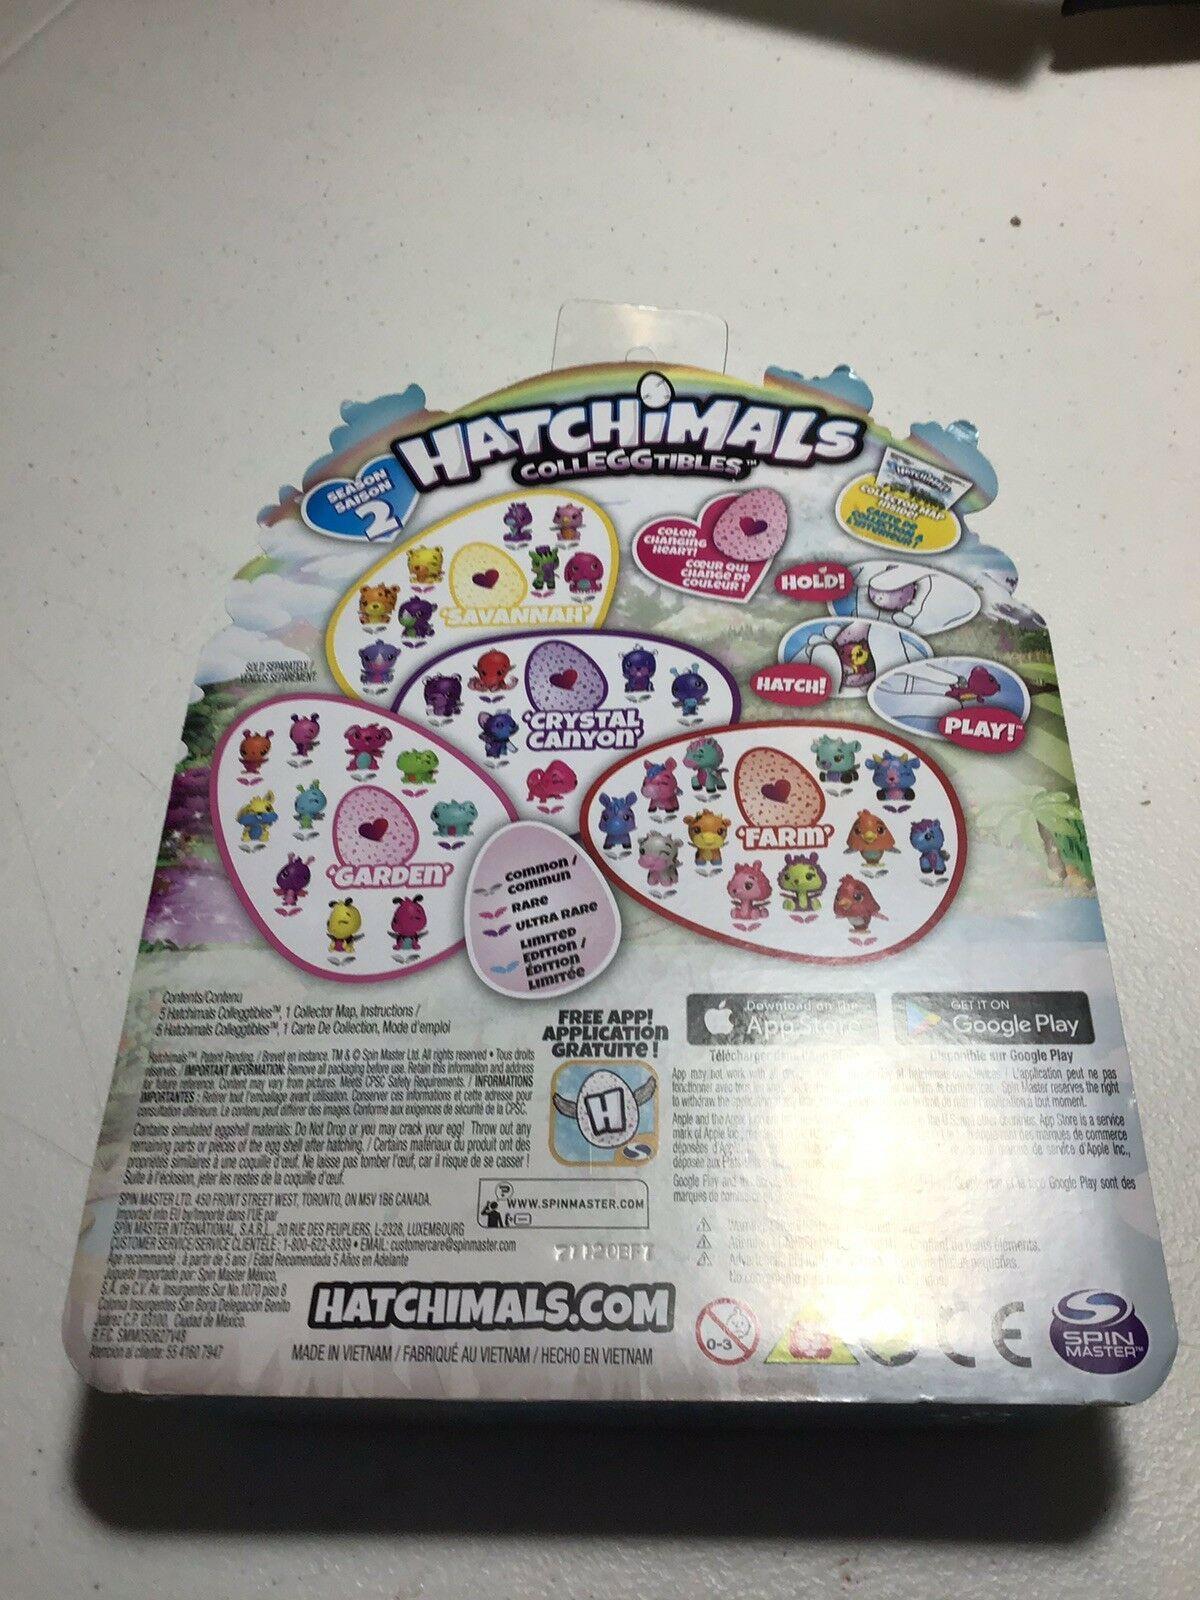 Hatchimals CollEGGtibles 4 Pack+Bonus Season 2 Find Golden Hatchimal Age 5 G2A08